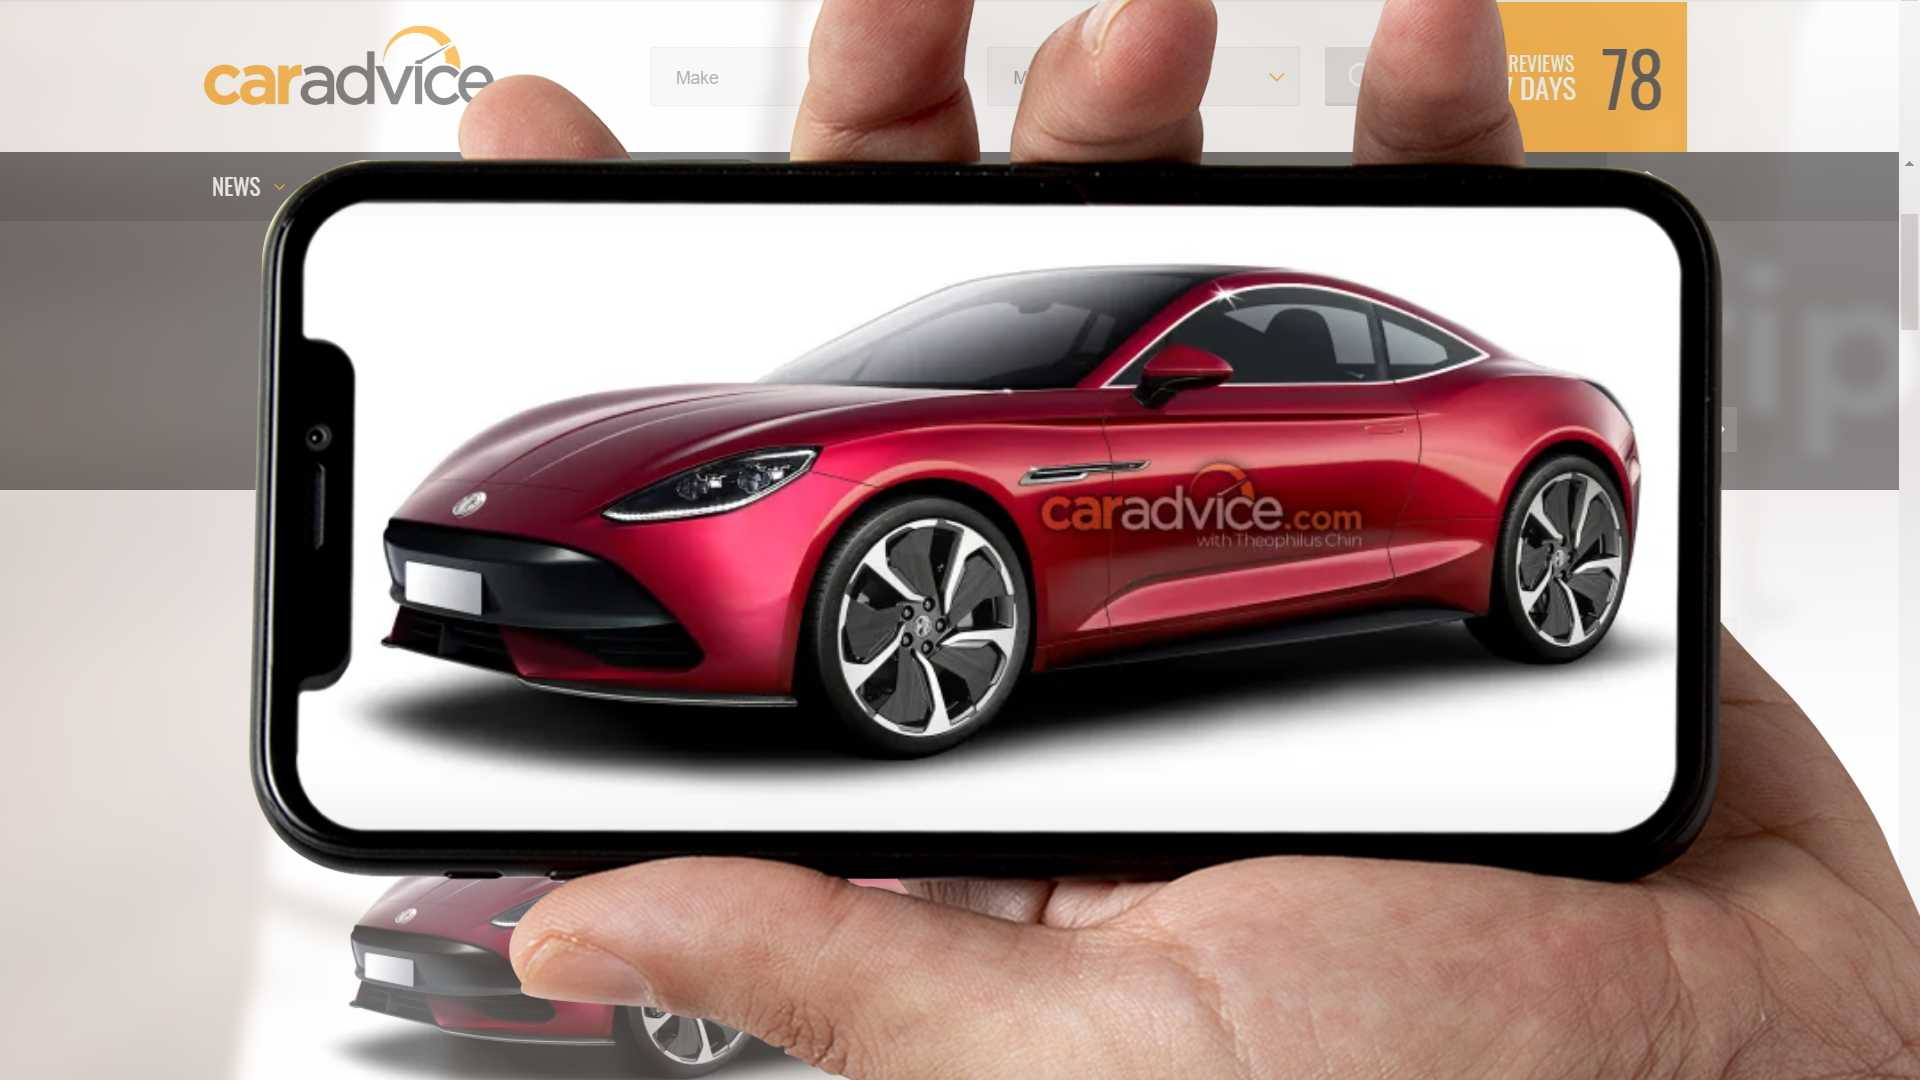 MG E-Motion получает потрясающий рендеринг от CarAdvice.com.au